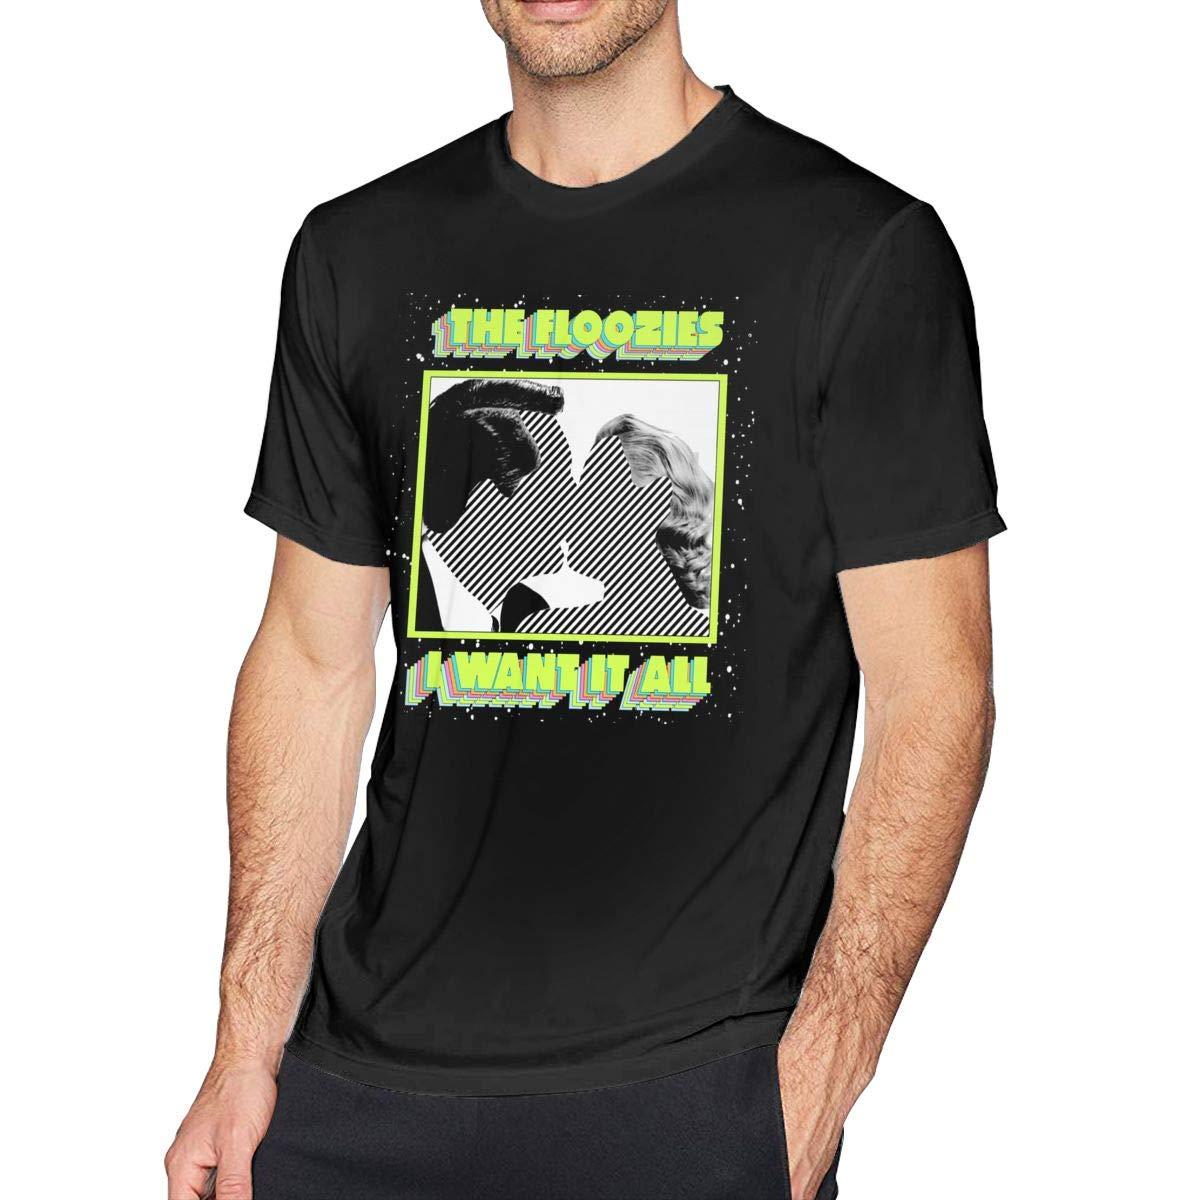 UP-ARP Mens TheFloozies Tee T-Shirt Black